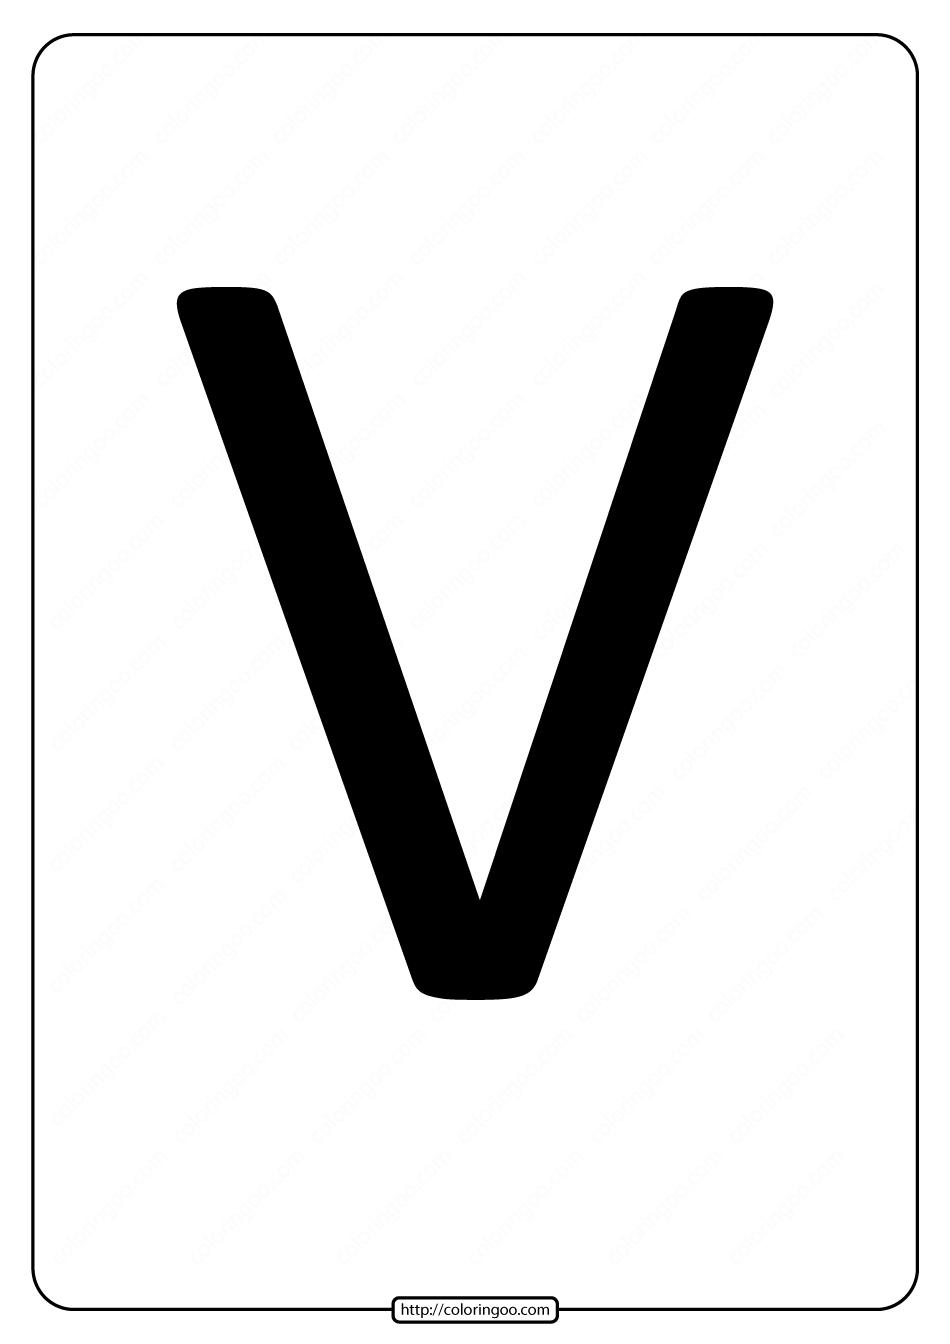 Printable A4 Size Uppercase Letters V Worksheet